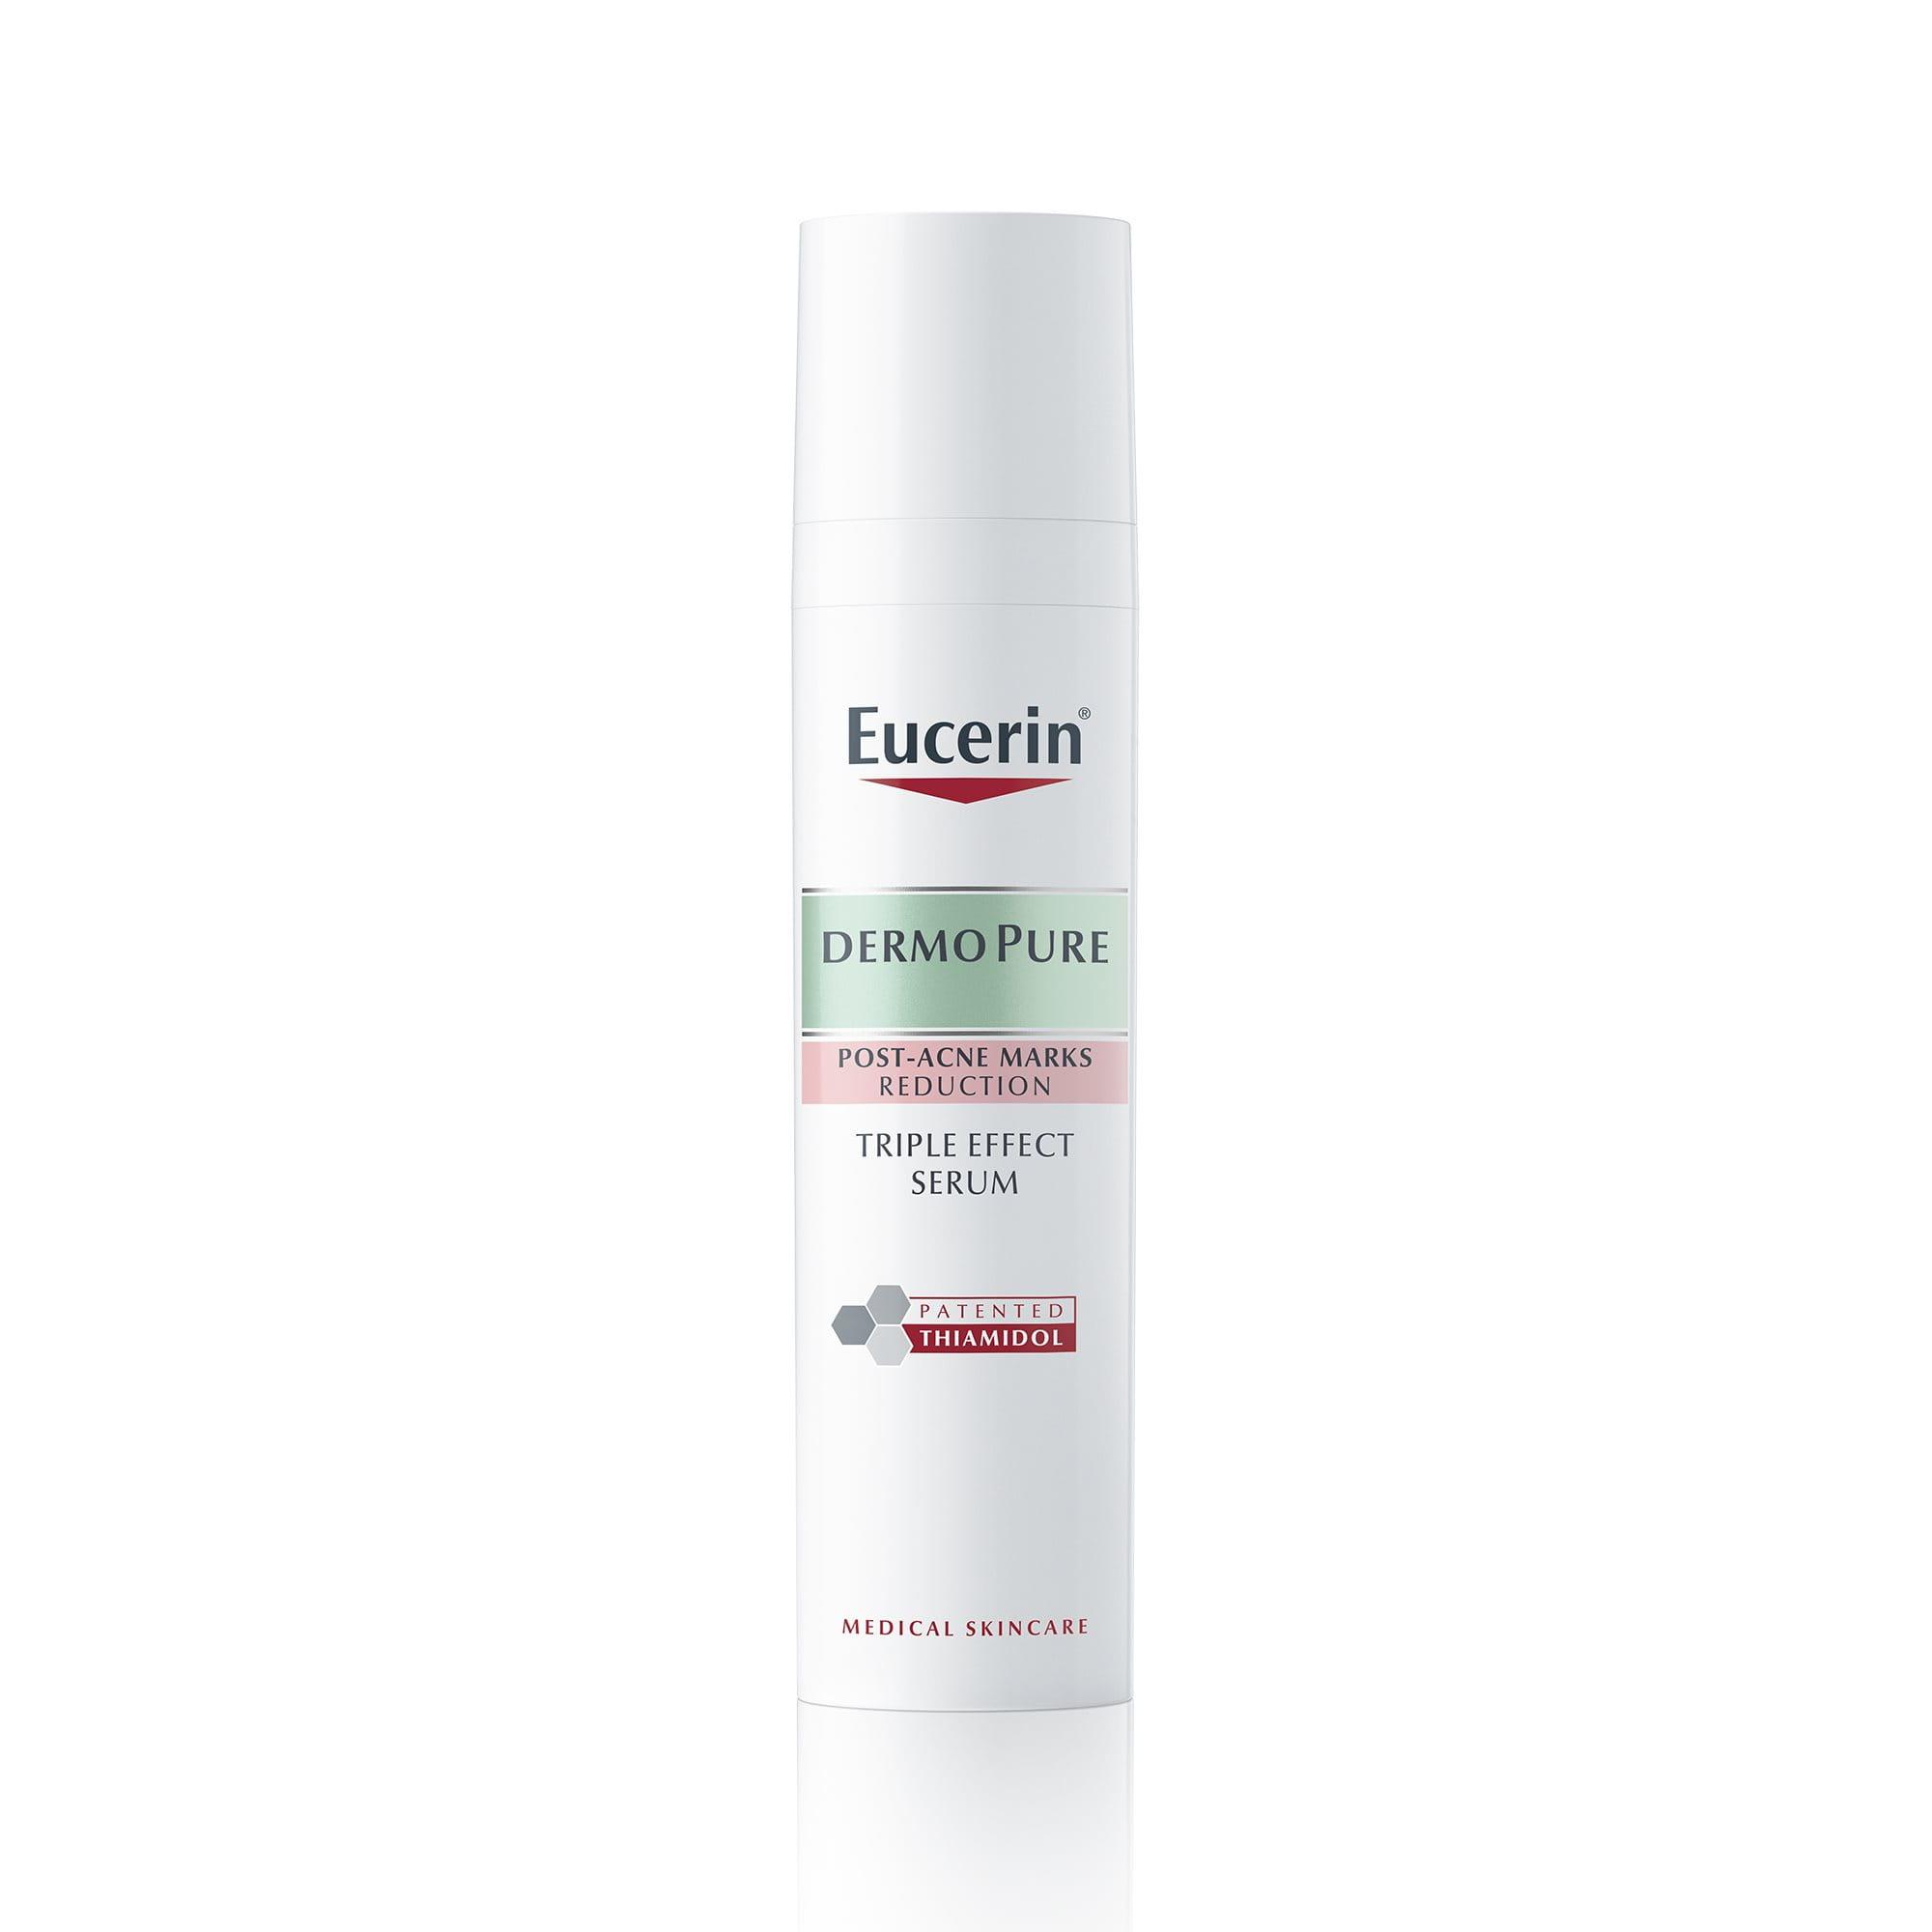 Eucerin DermoPure Serum sa trostrukim efektom